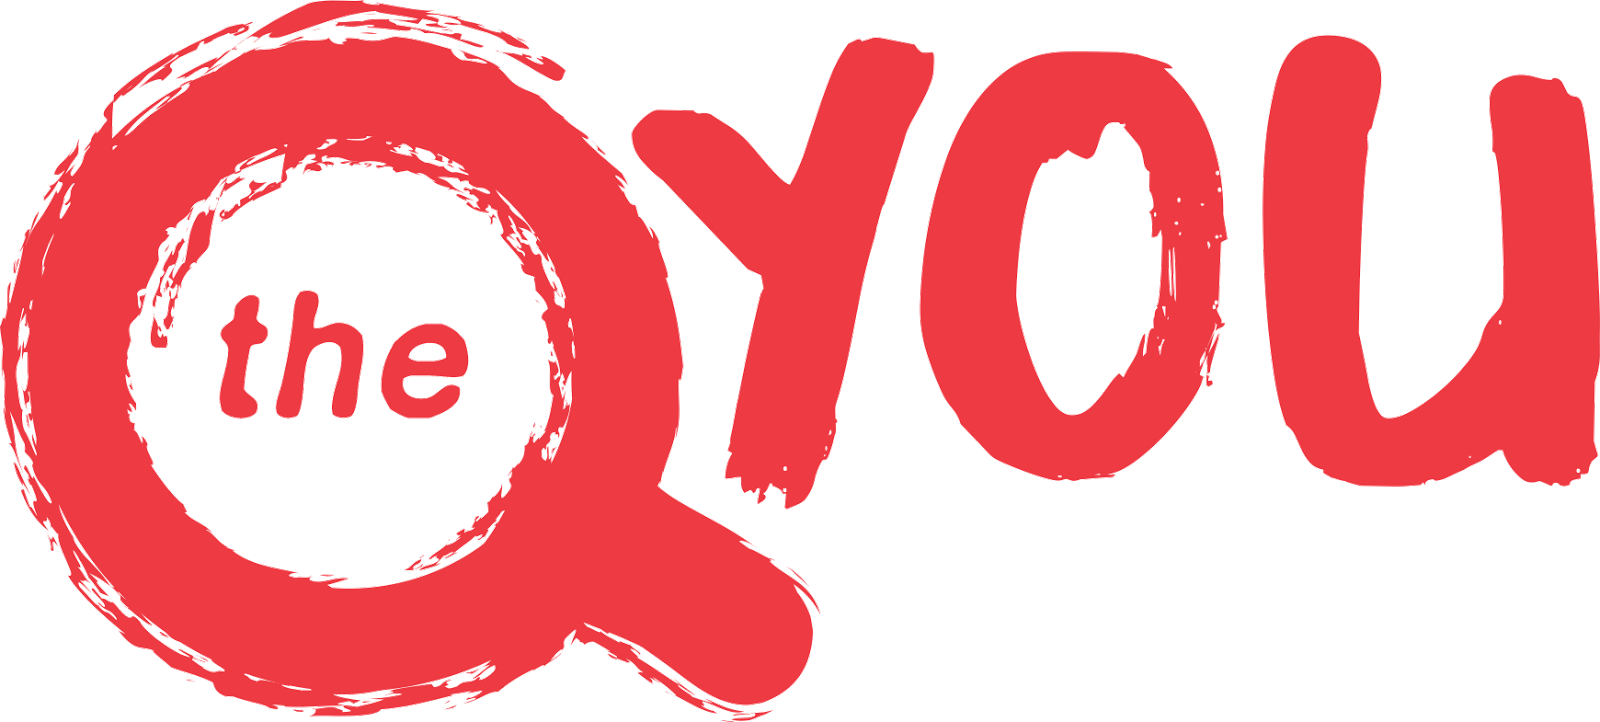 QYOU_LOGO